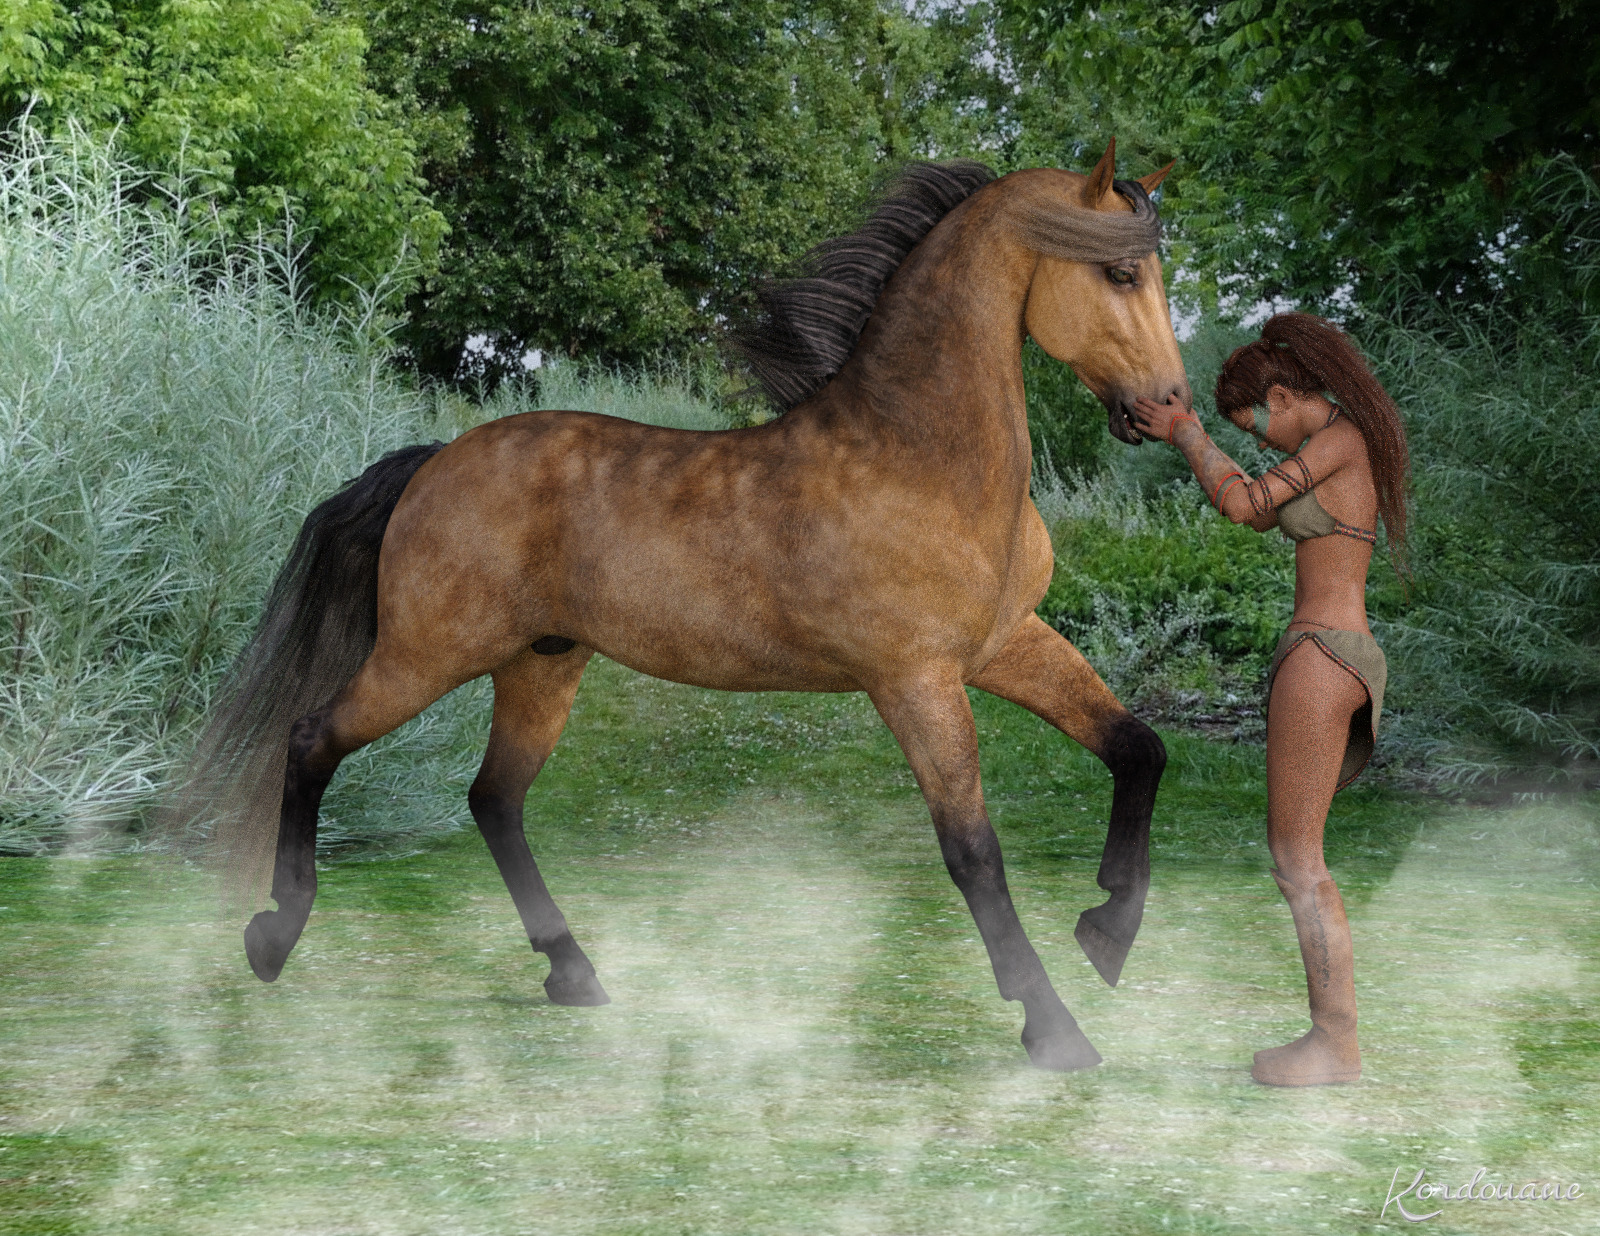 Fond d'écran : Confidence entre une femme et un cheval